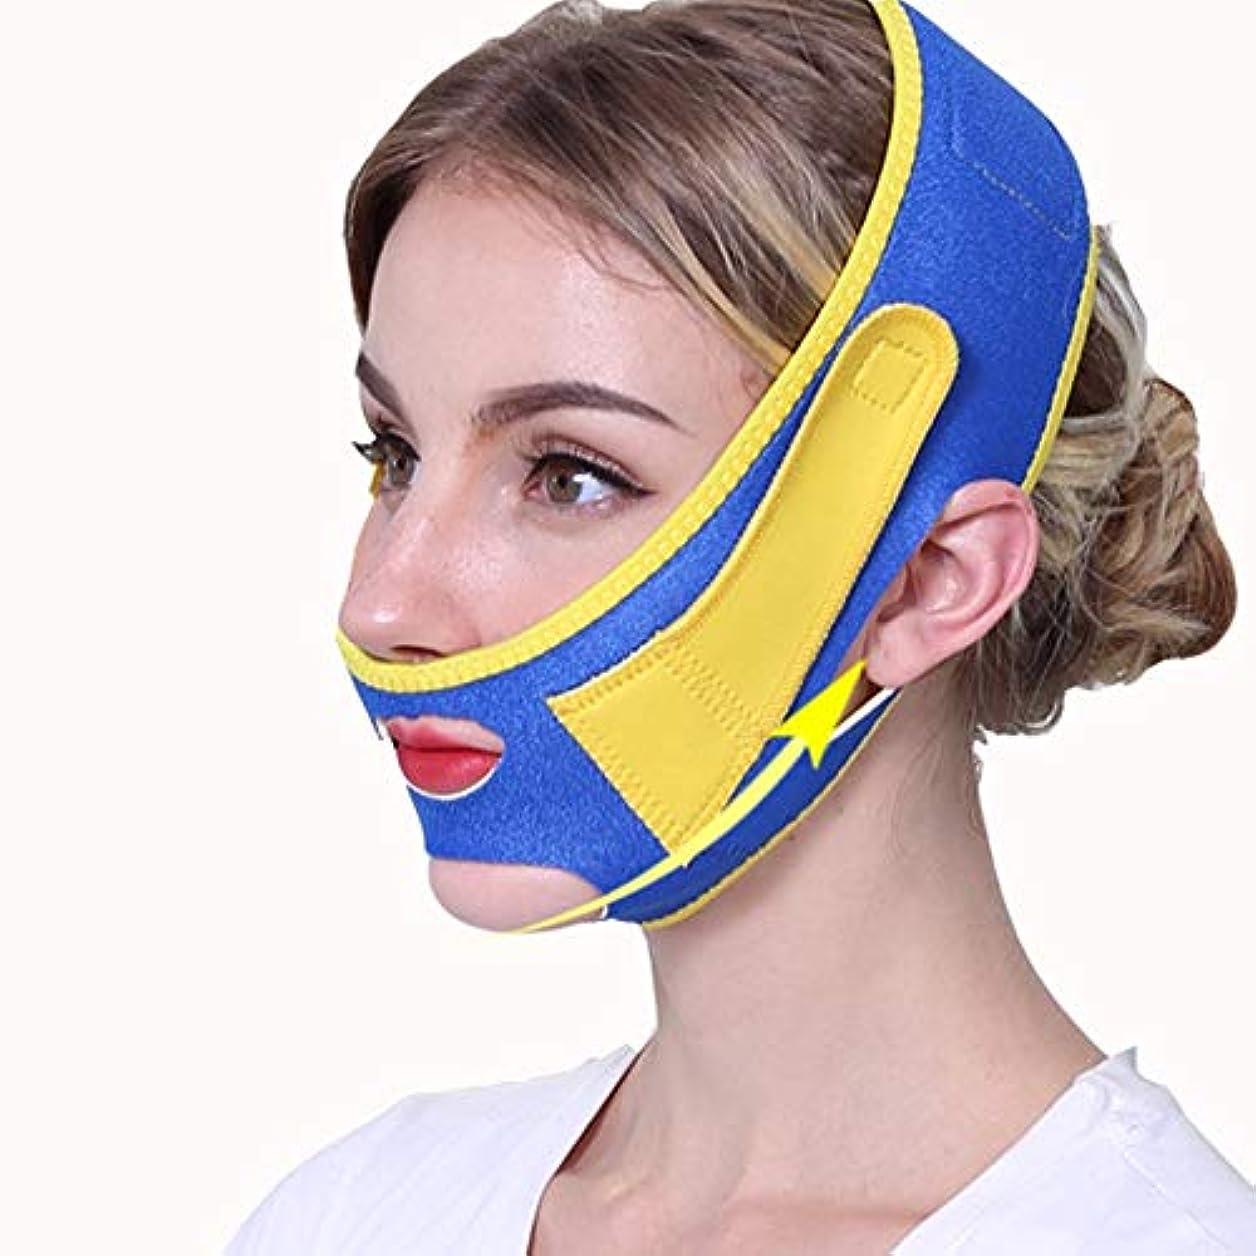 胚芽残酷ないじめっ子GYZ フェイシャルリフティング痩身ベルトフェイス包帯マスク整形マスクフェイスベルトを引き締める薄型フェイス包帯整形マスクフェイスと首の顔を引き締めスリム Thin Face Belt